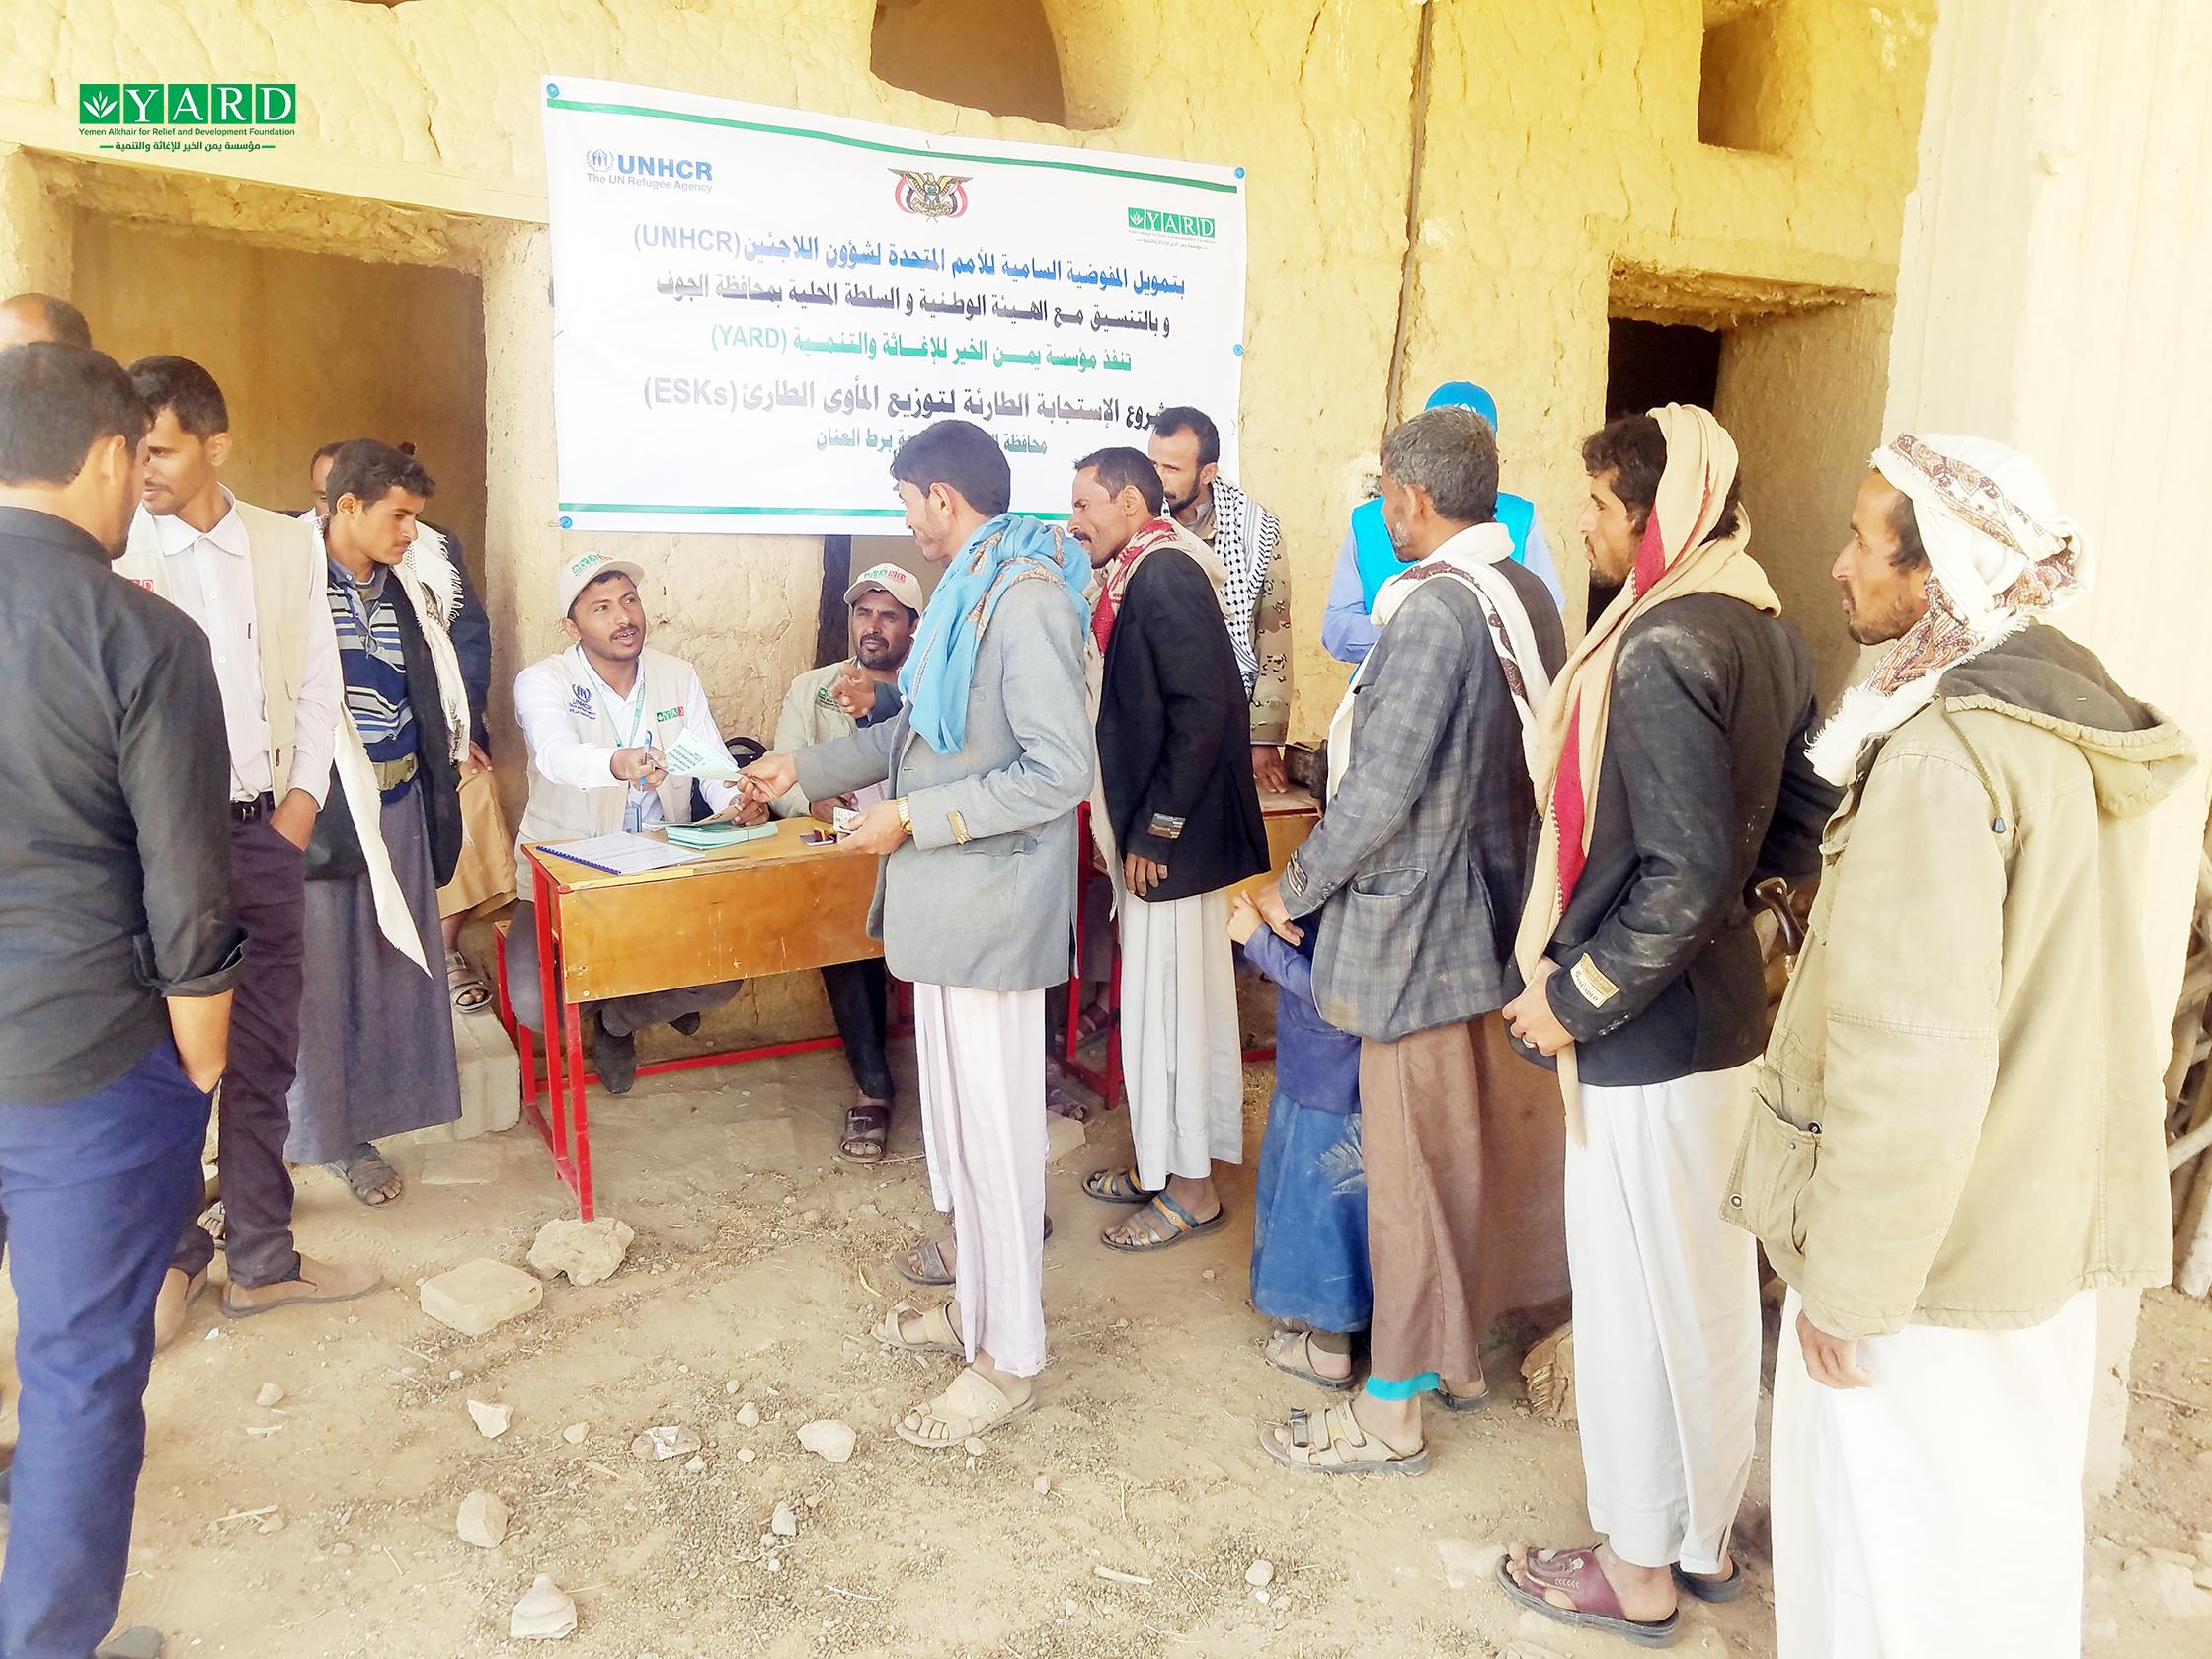 UNHCR Team Visits the Emergency Shelter Distribution Center in Bart Al-Anan – Al-Jawf Gov